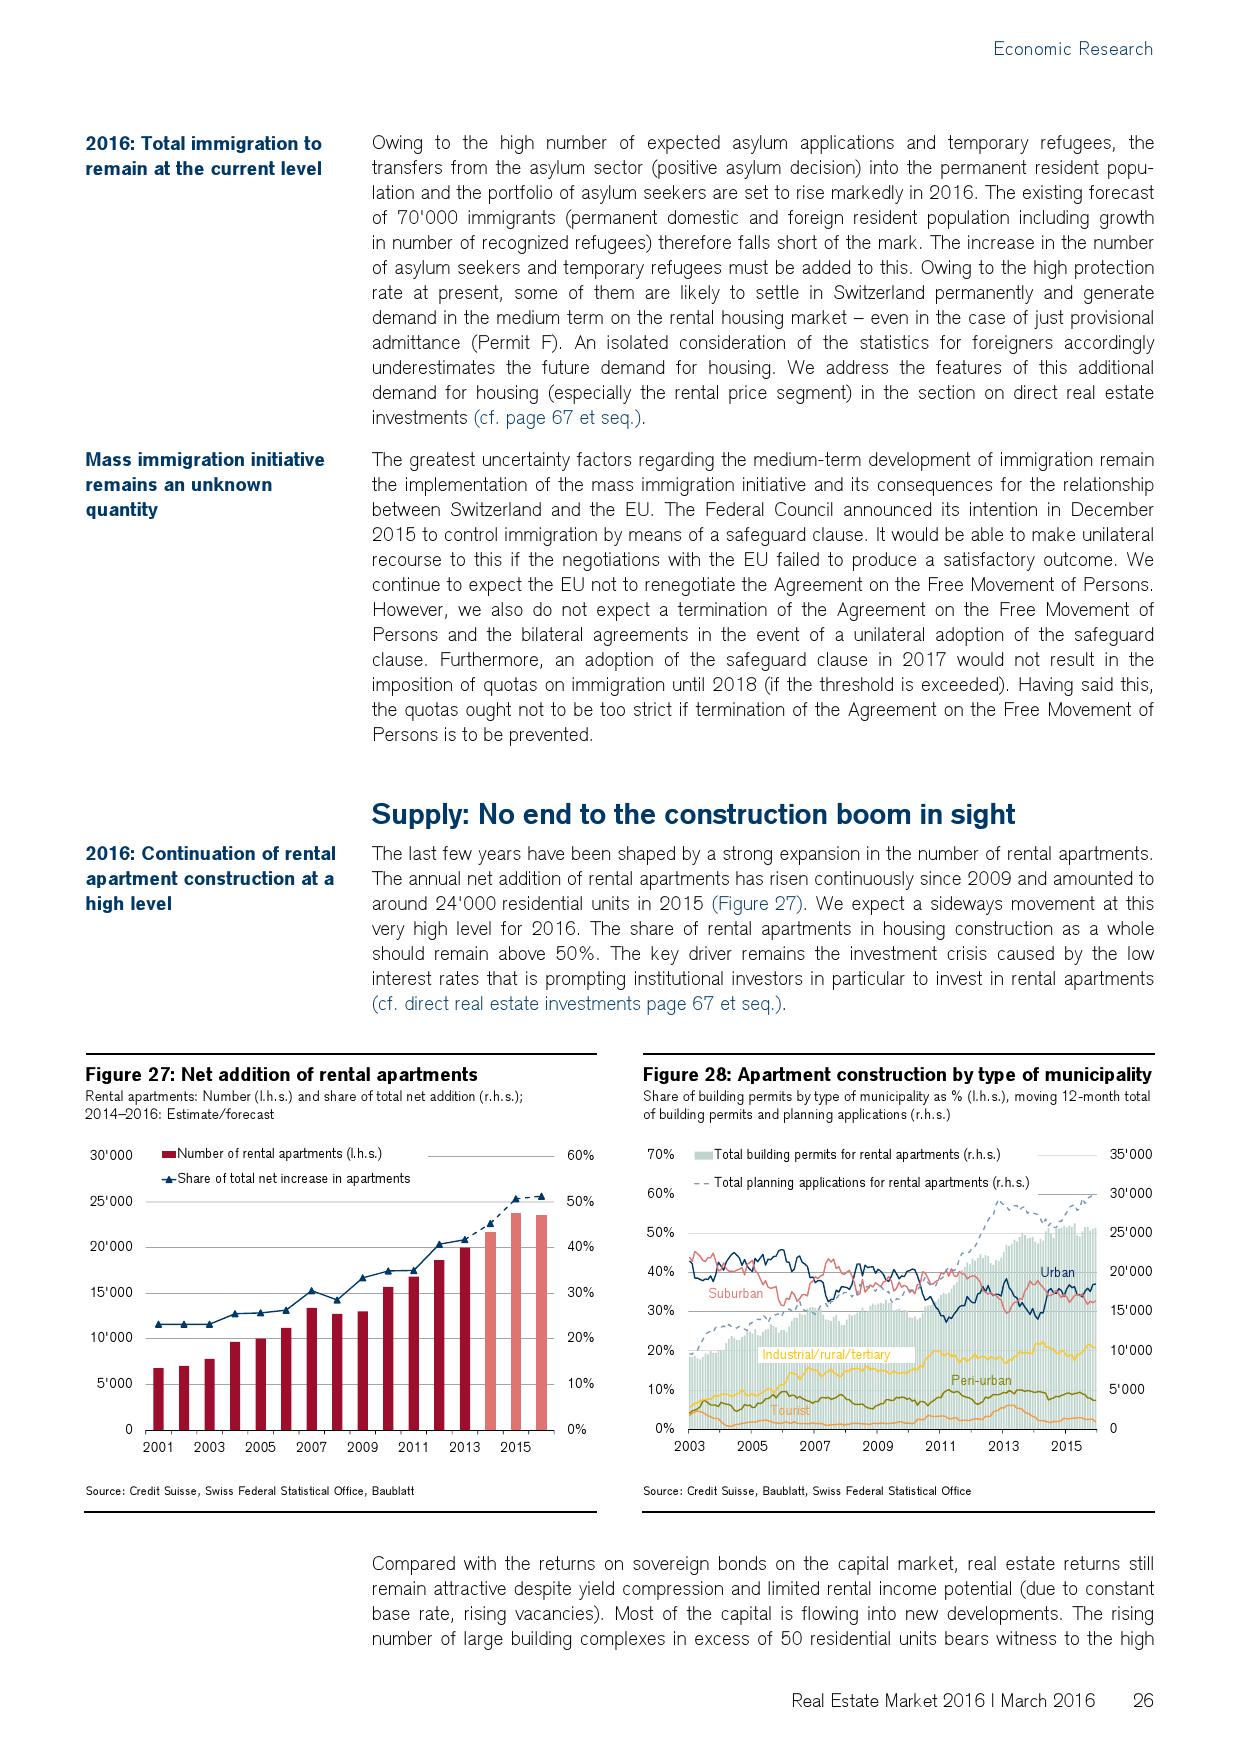 2016年瑞士房地产市场研究报告_000026